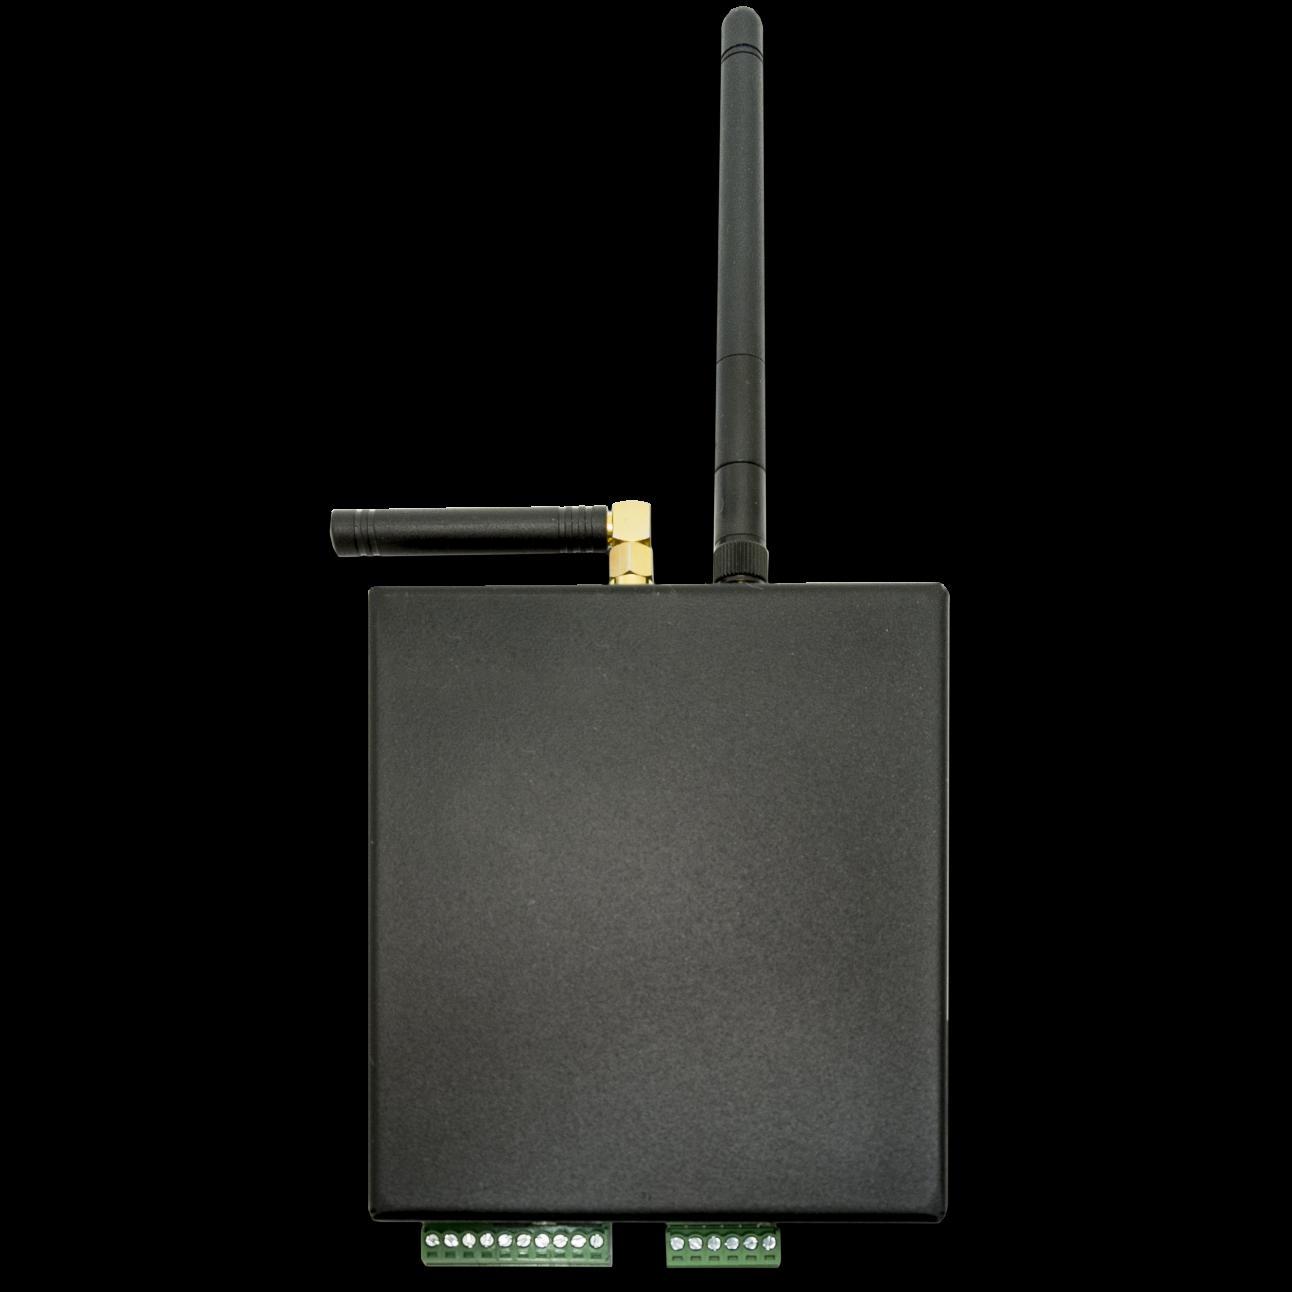 Устройство удалённого контроля и управления SNR-ERD-PROject-2, RS232/485, IO6, RF/GSM